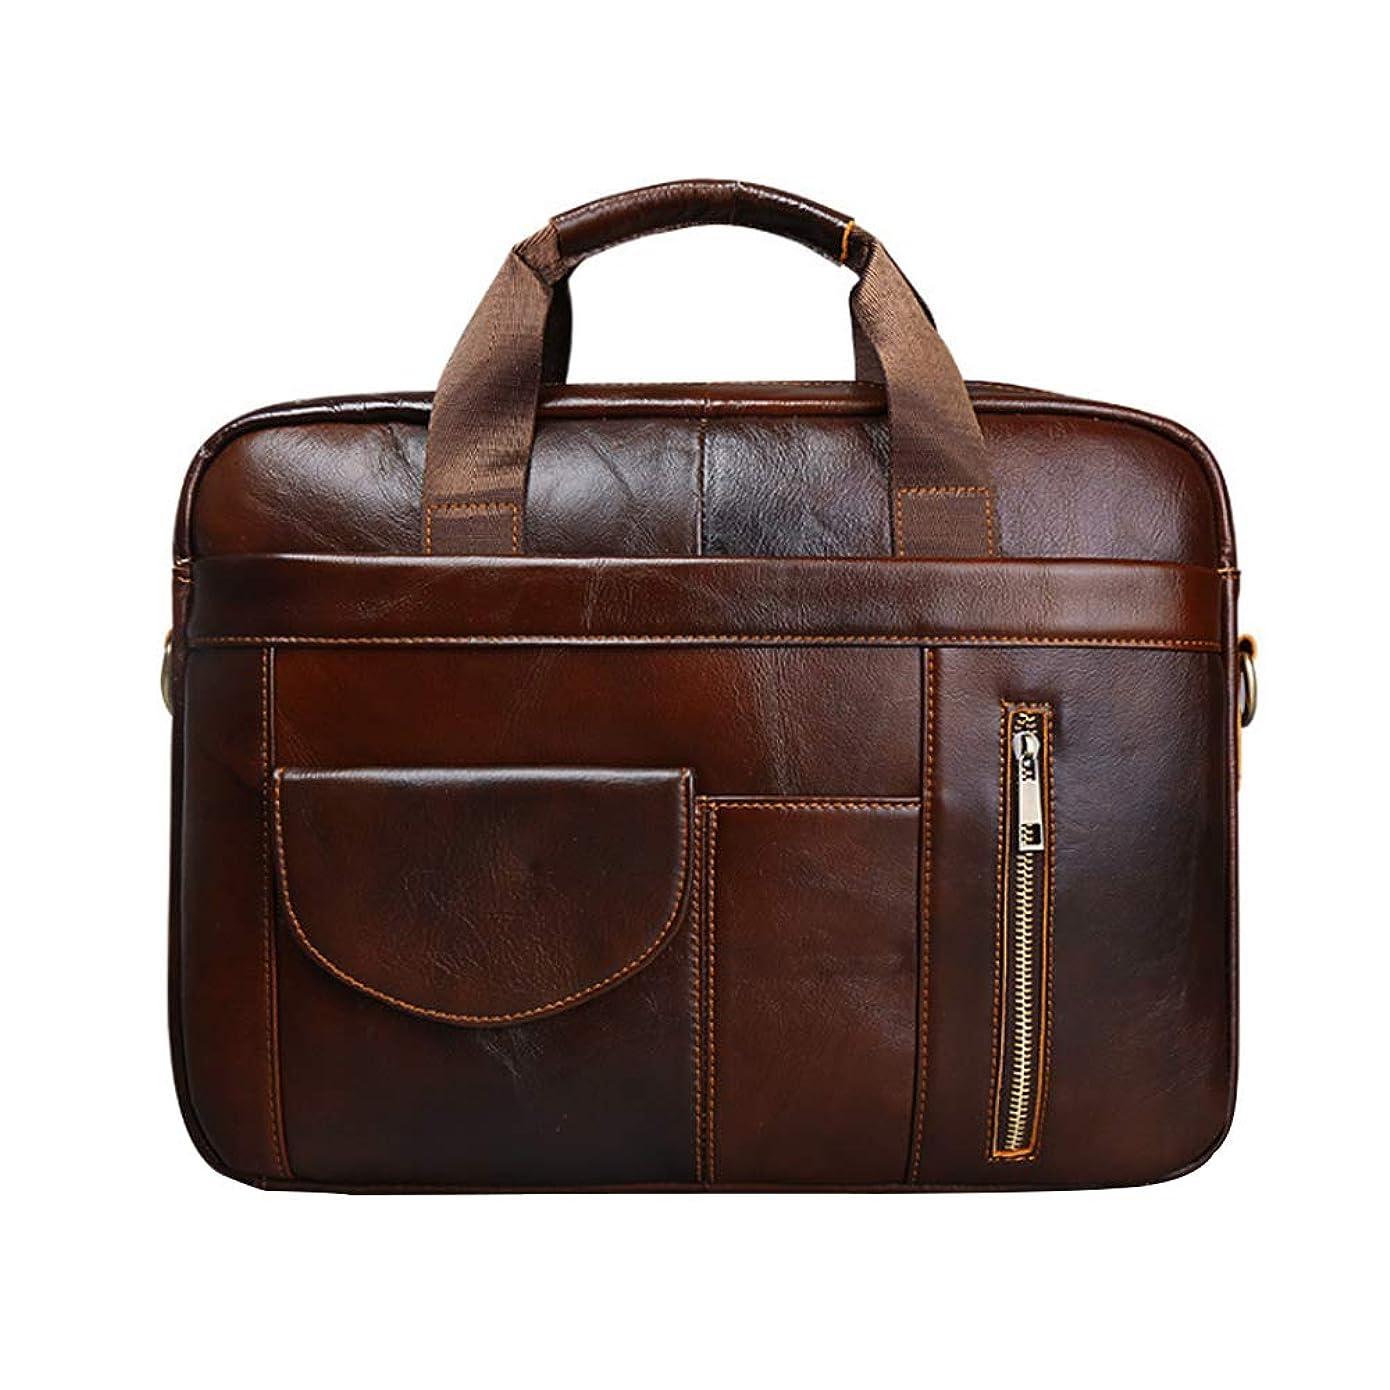 気配りのある鉄考古学的な大容量バッグメッセンジャーバッグビジネスバッグブリーフケースレザー斜め防水バッグ